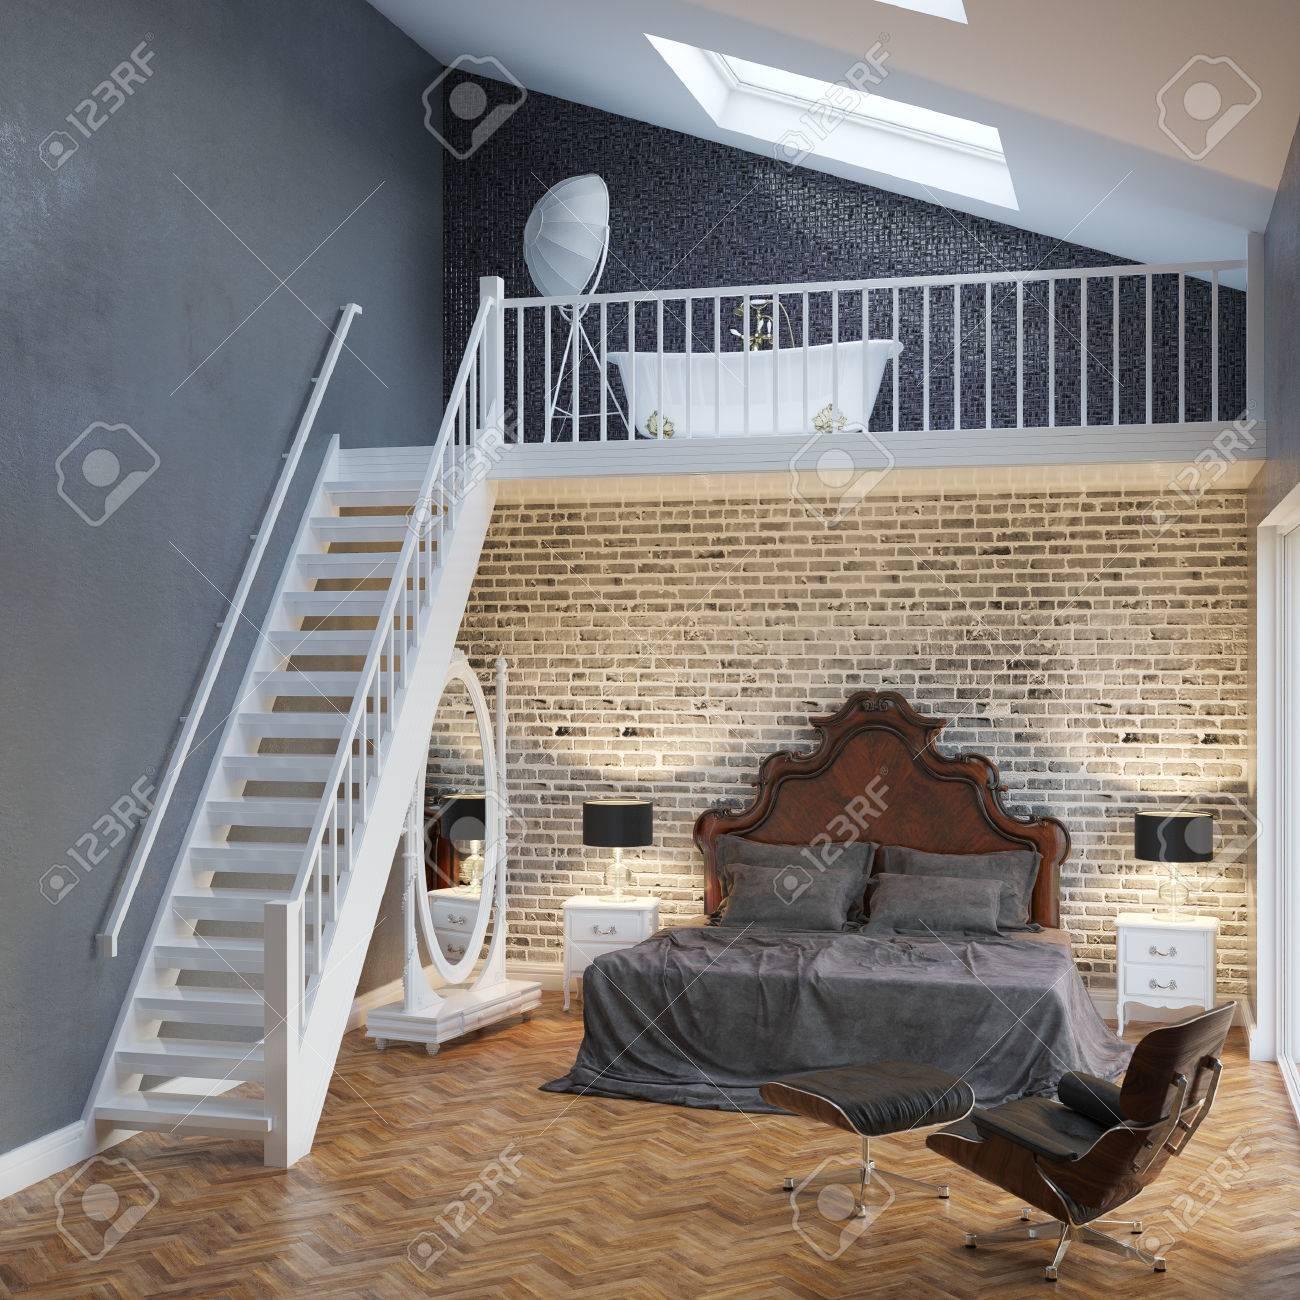 Grosse Schlafzimmer Innenraum Mit Treppen Und Vintage Mobel